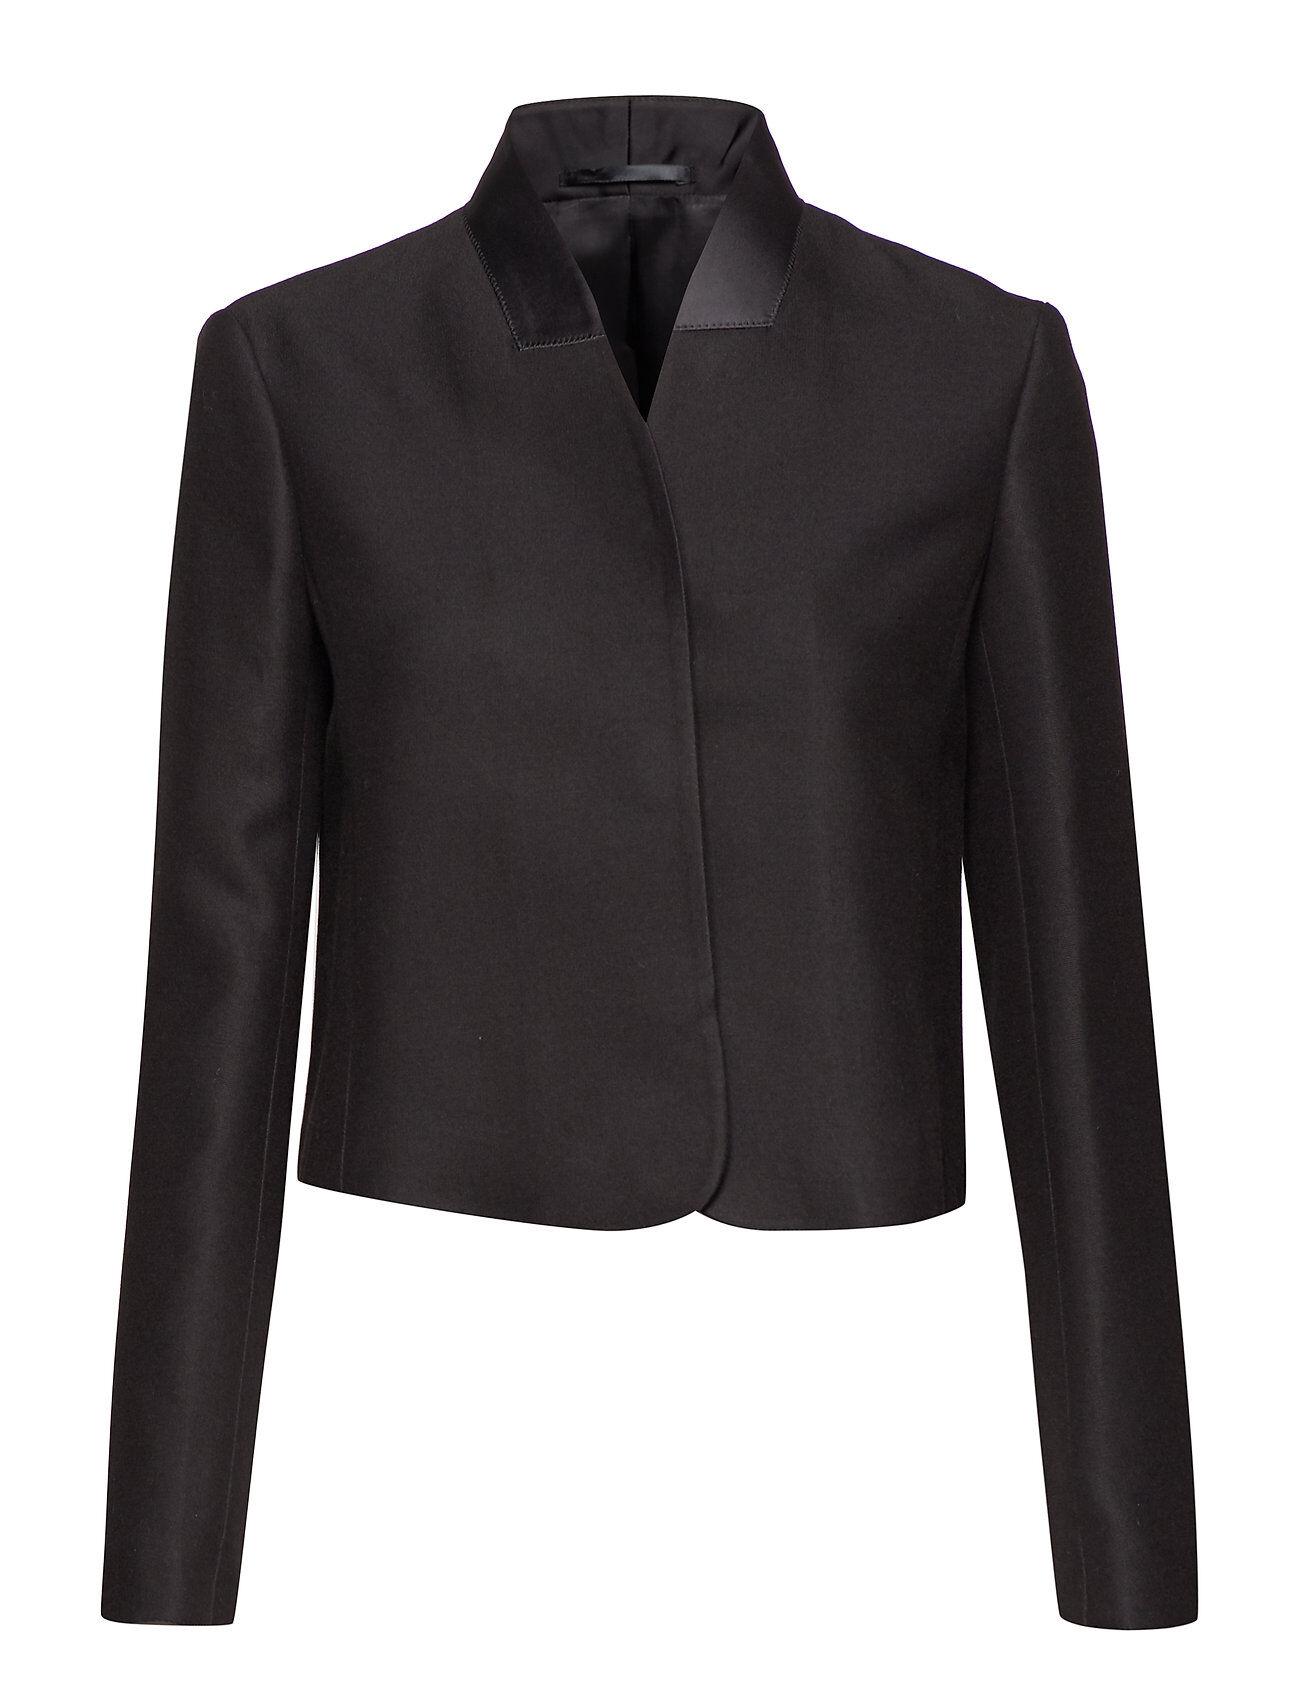 Filippa K Short Blazer Jacket